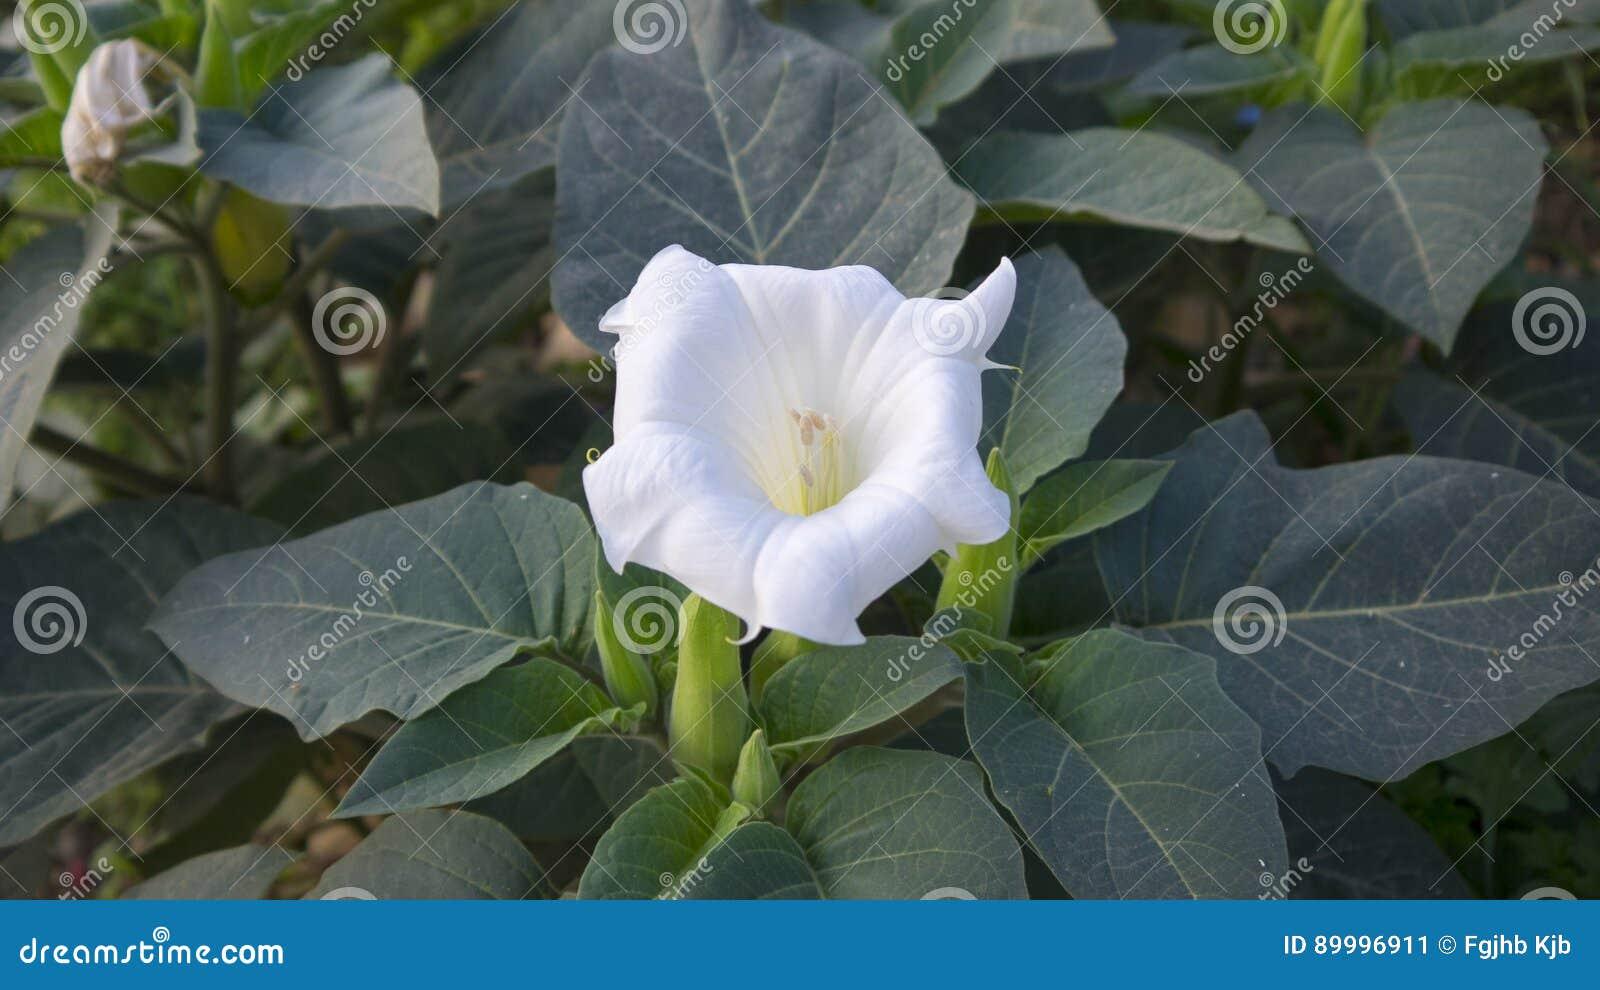 Wight flower